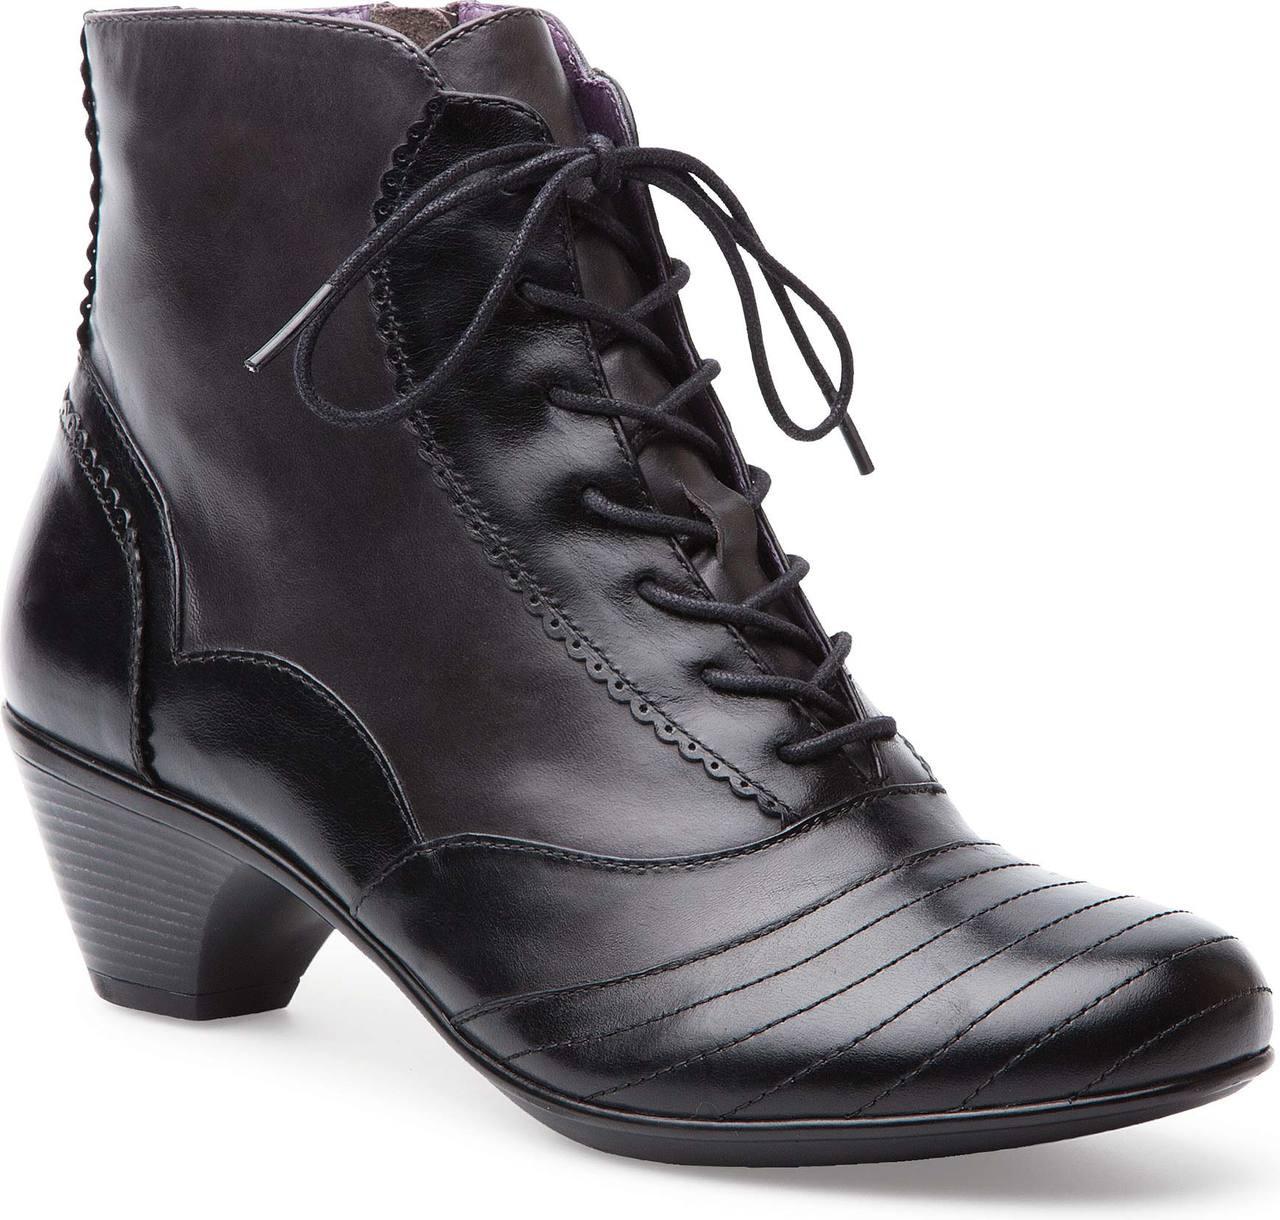 Dansko Womens Brown Multi Boots Felix Calf